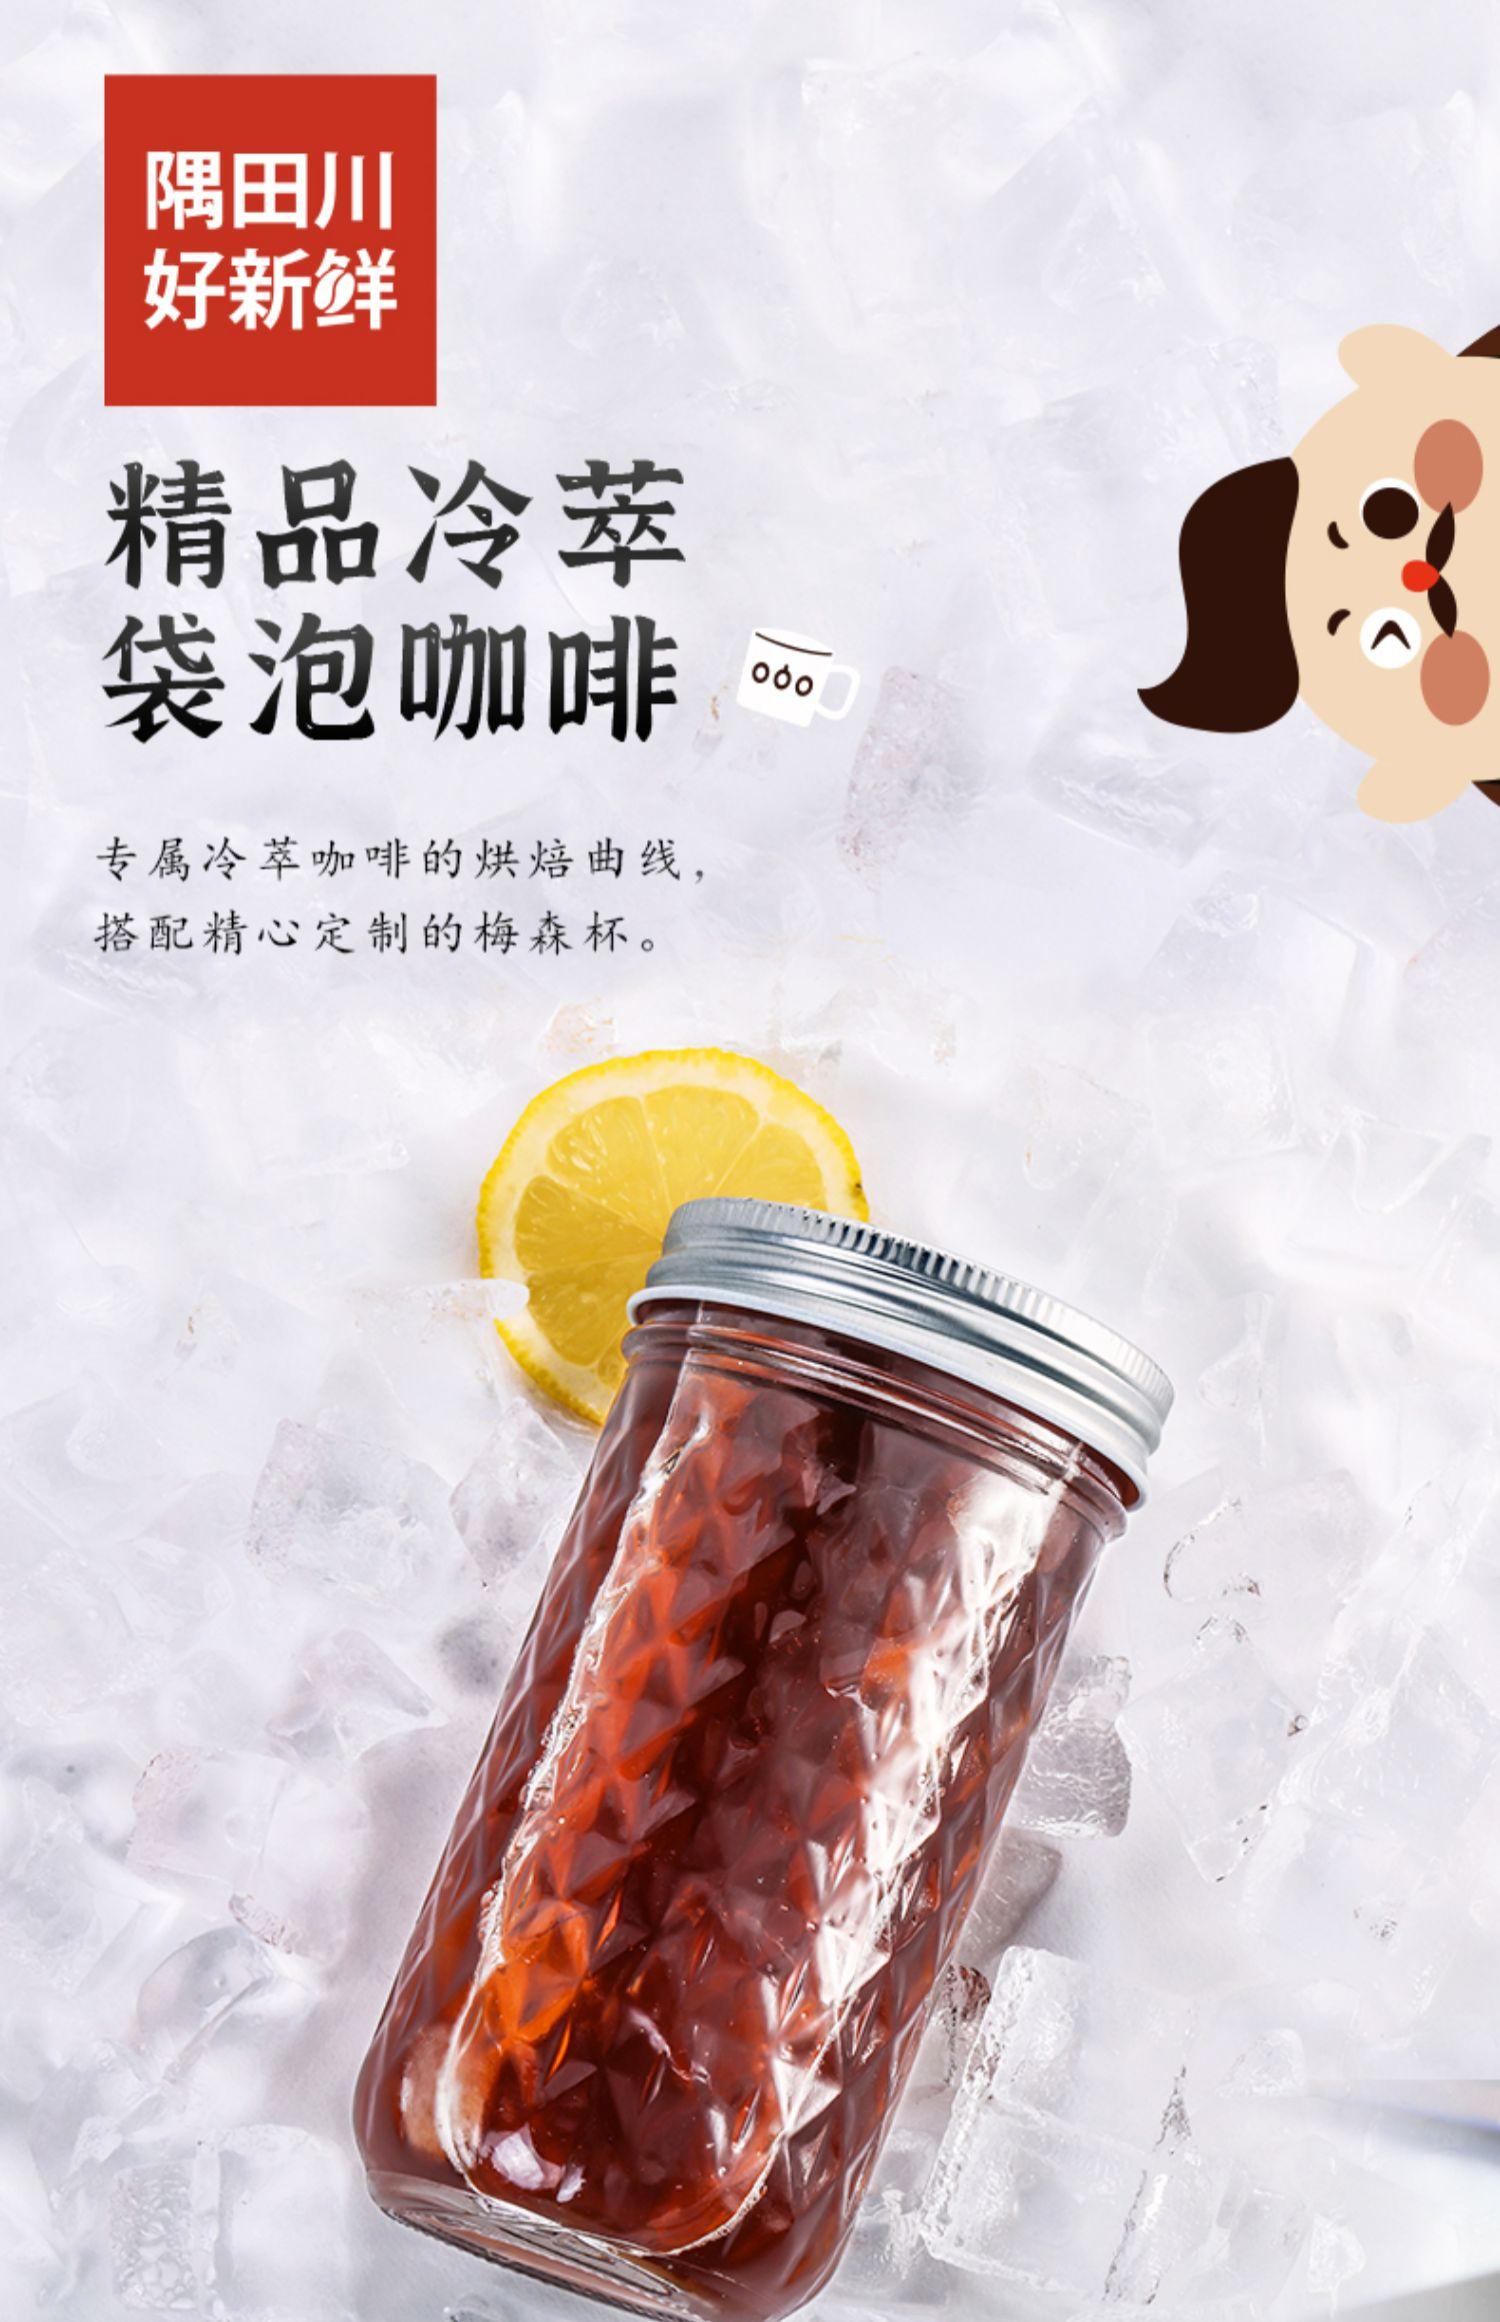 【隅田川】精品冷萃黑咖啡+送梅森杯